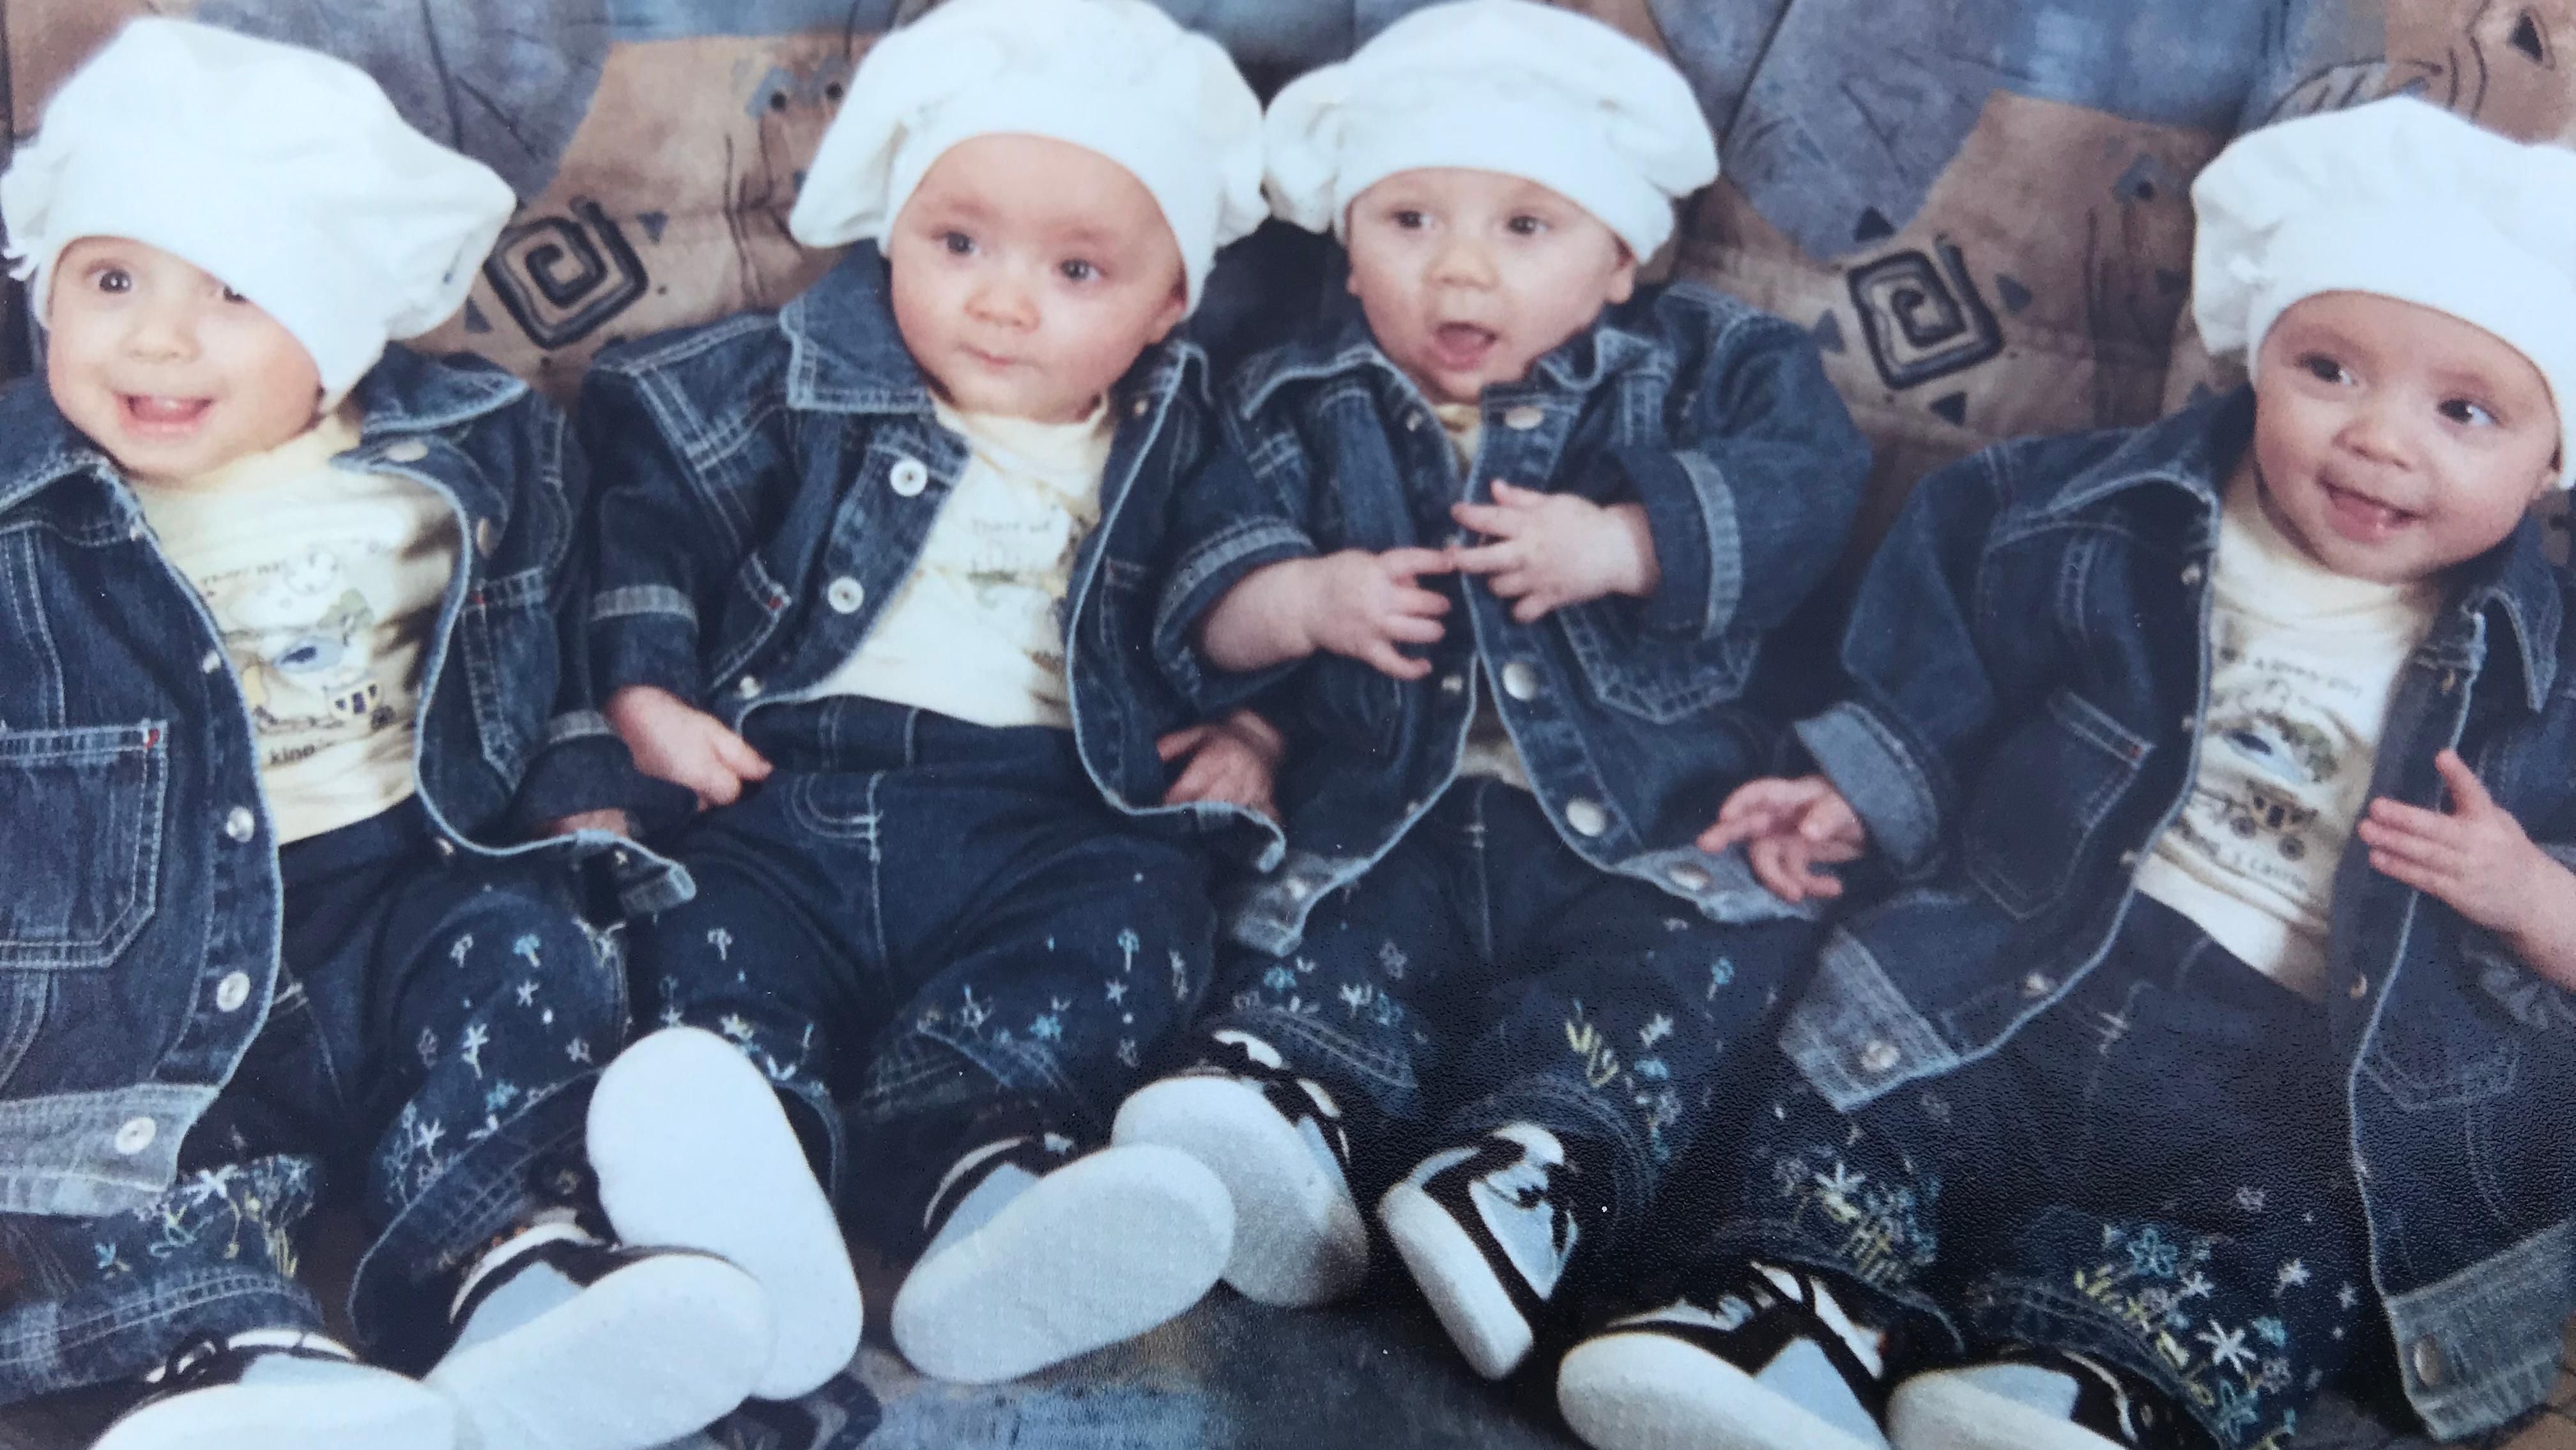 Kinderfoto der Vierlinge Ylleza, Kandita, Esmajle und Argjenta